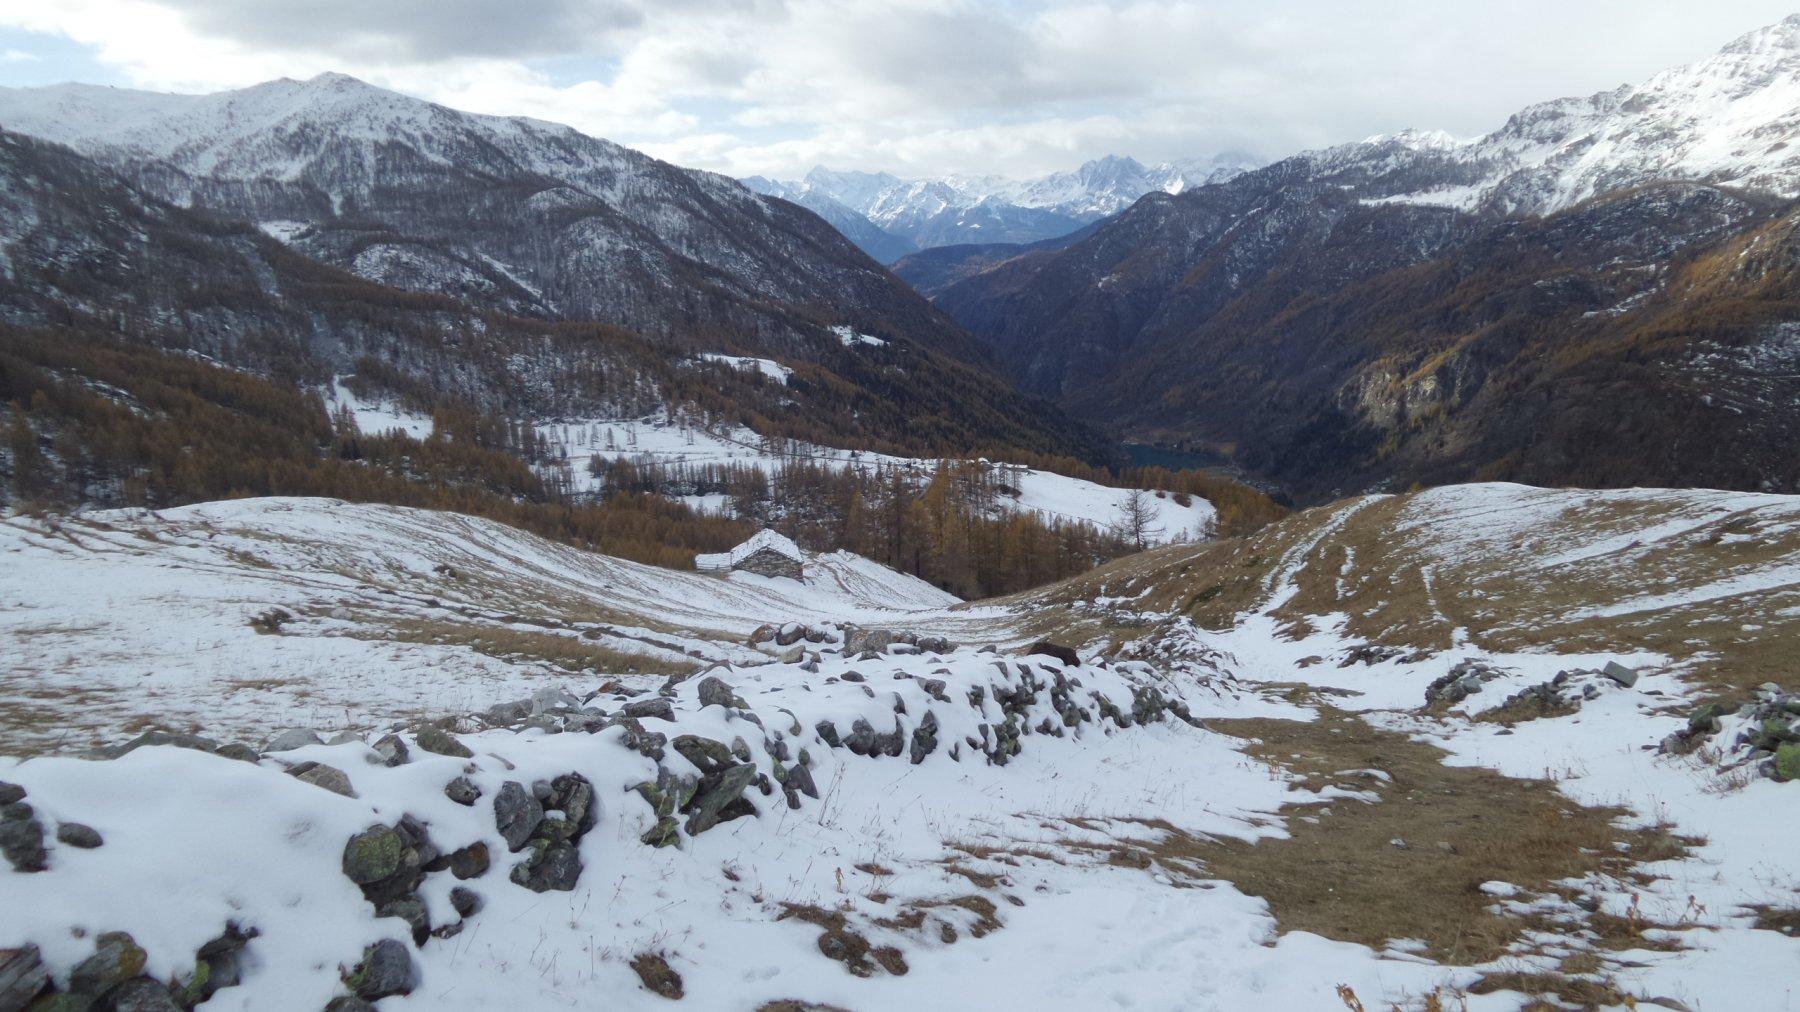 la prima parte del vallone risalito con pochissima neve presente